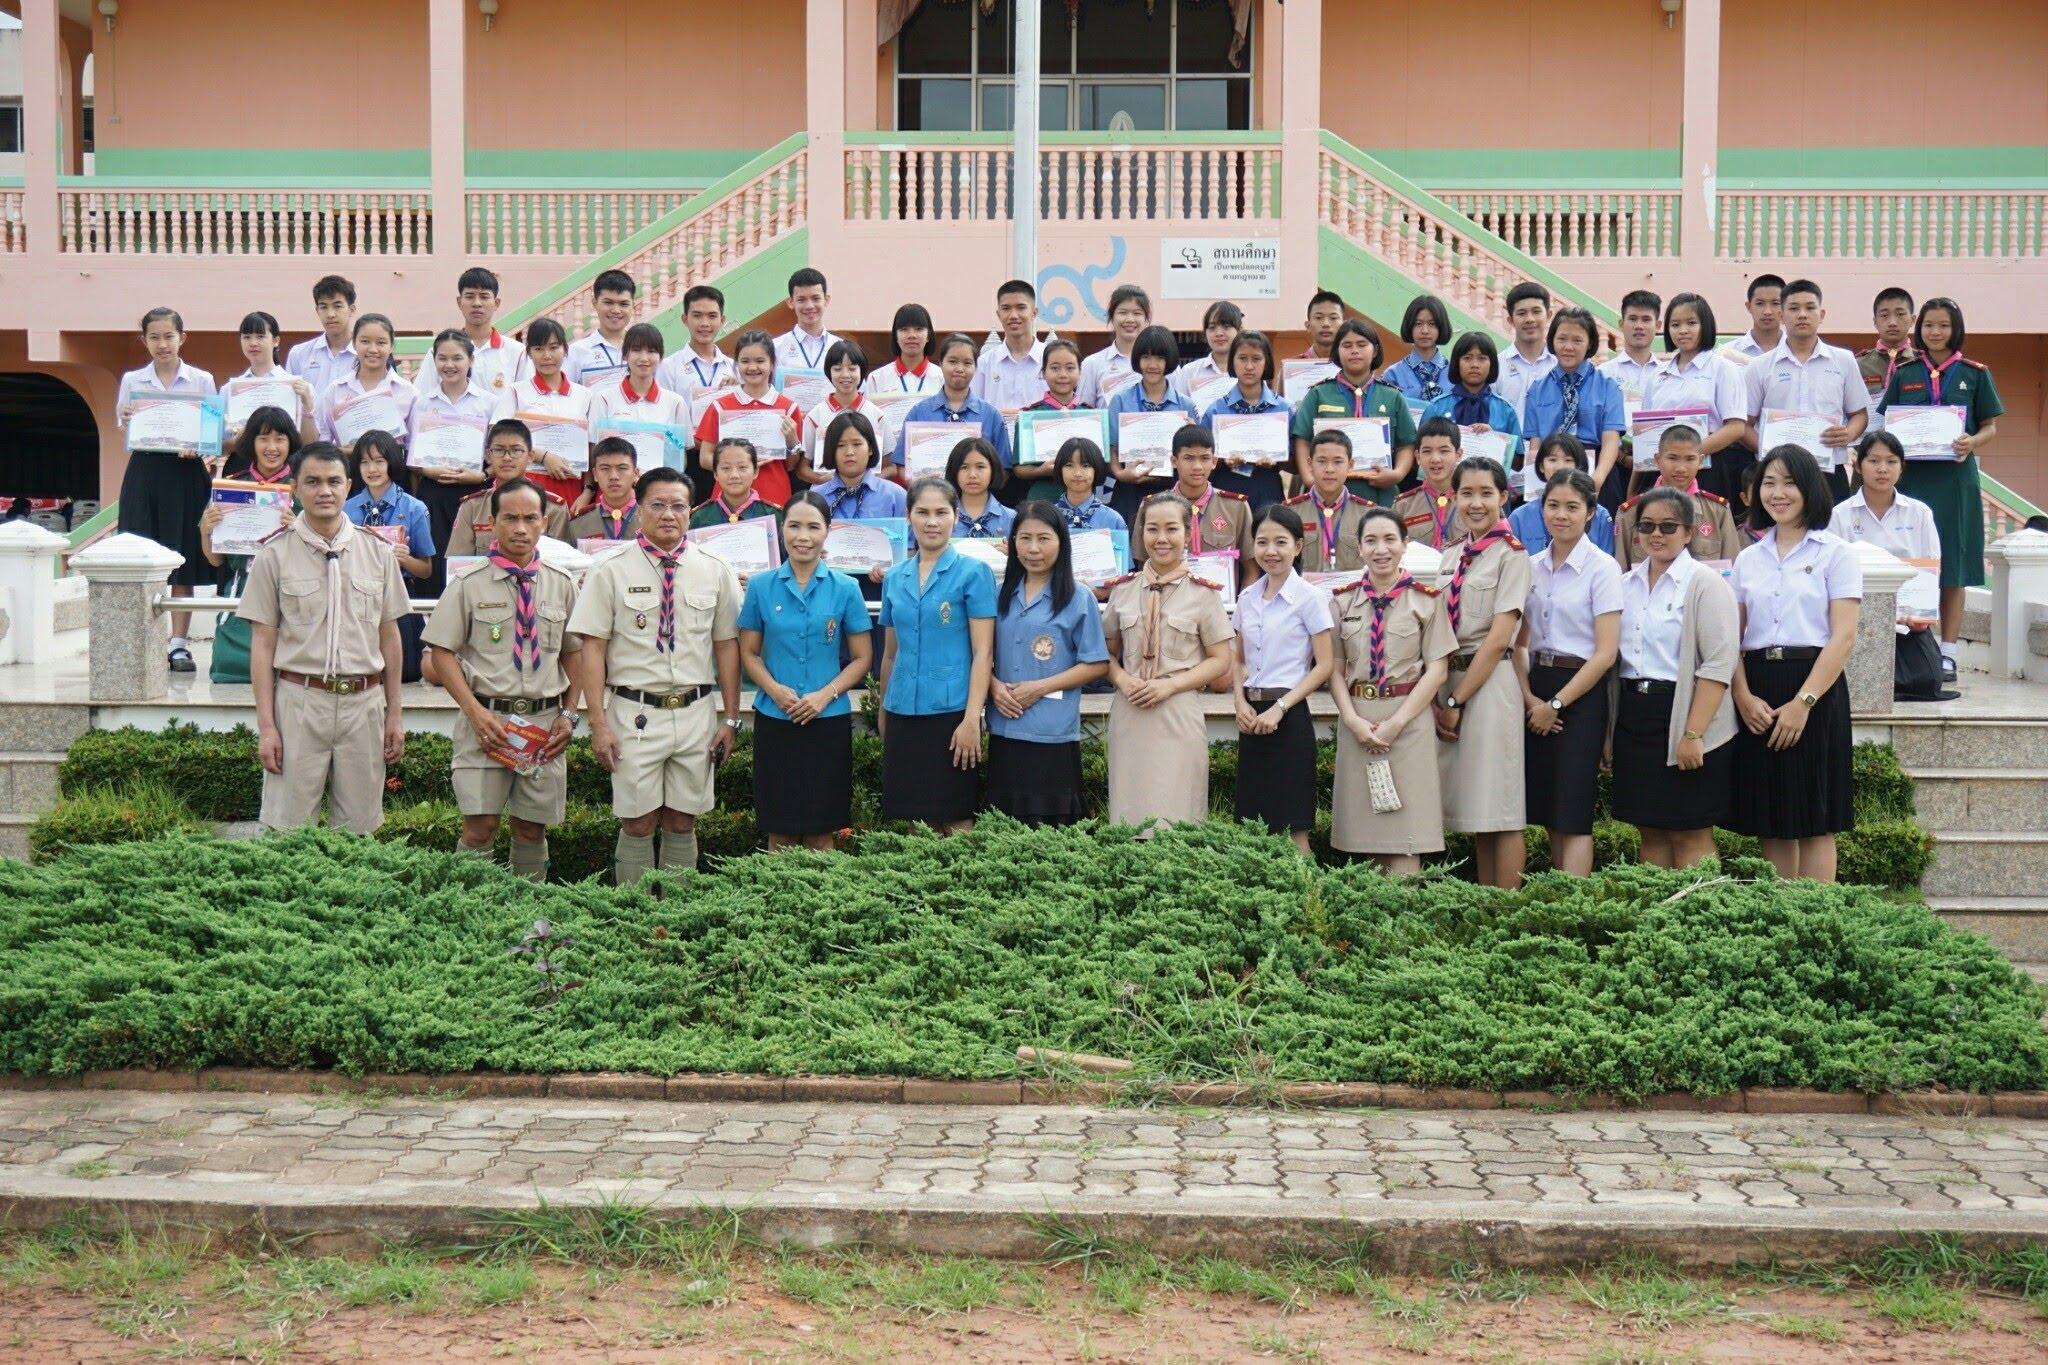 กิจกรรมวันภาษาไทยแห่งชาติ ปี 2560